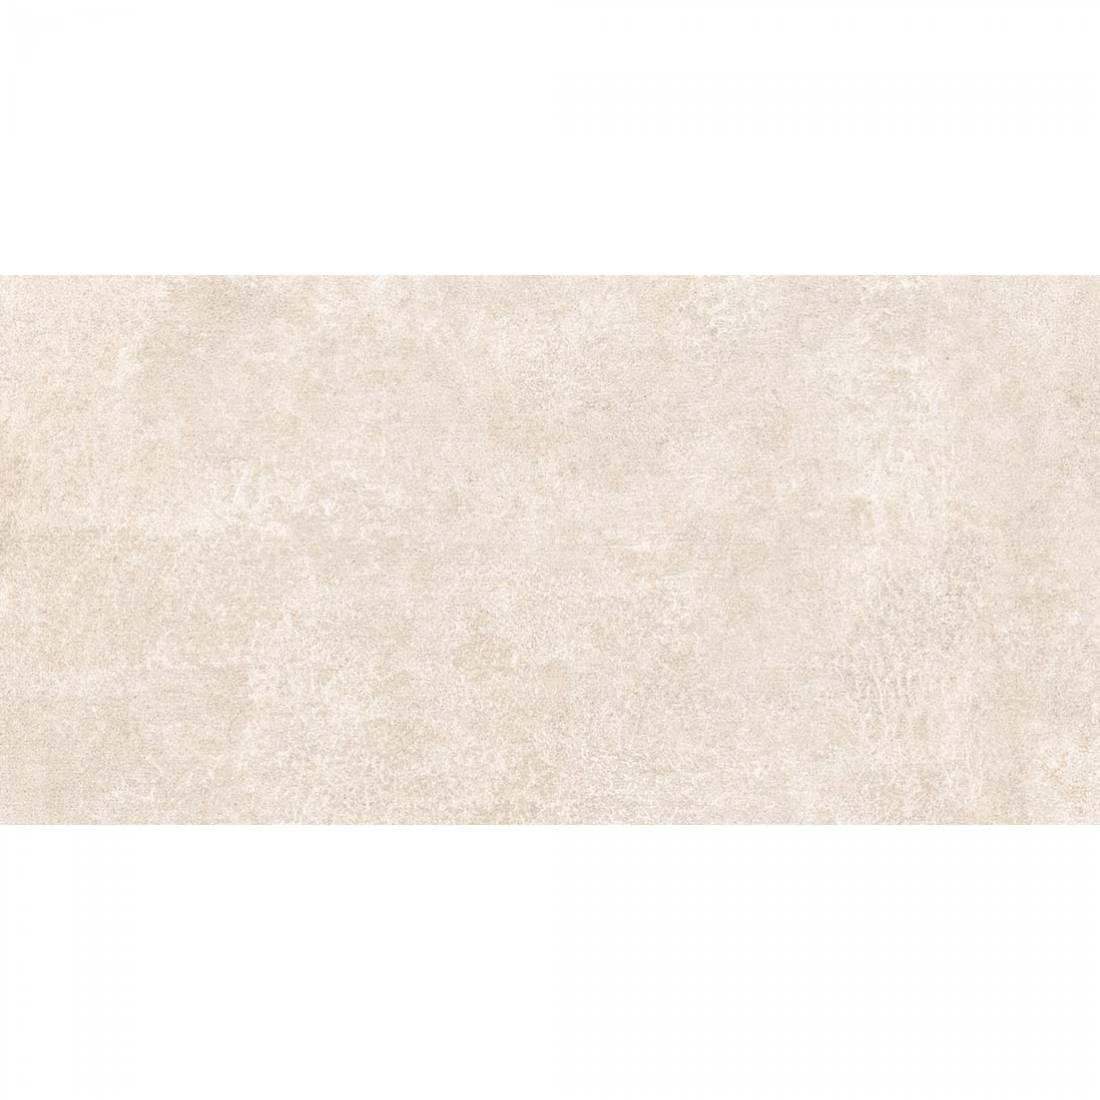 Afyon 29.5x60 Beige Polished 1